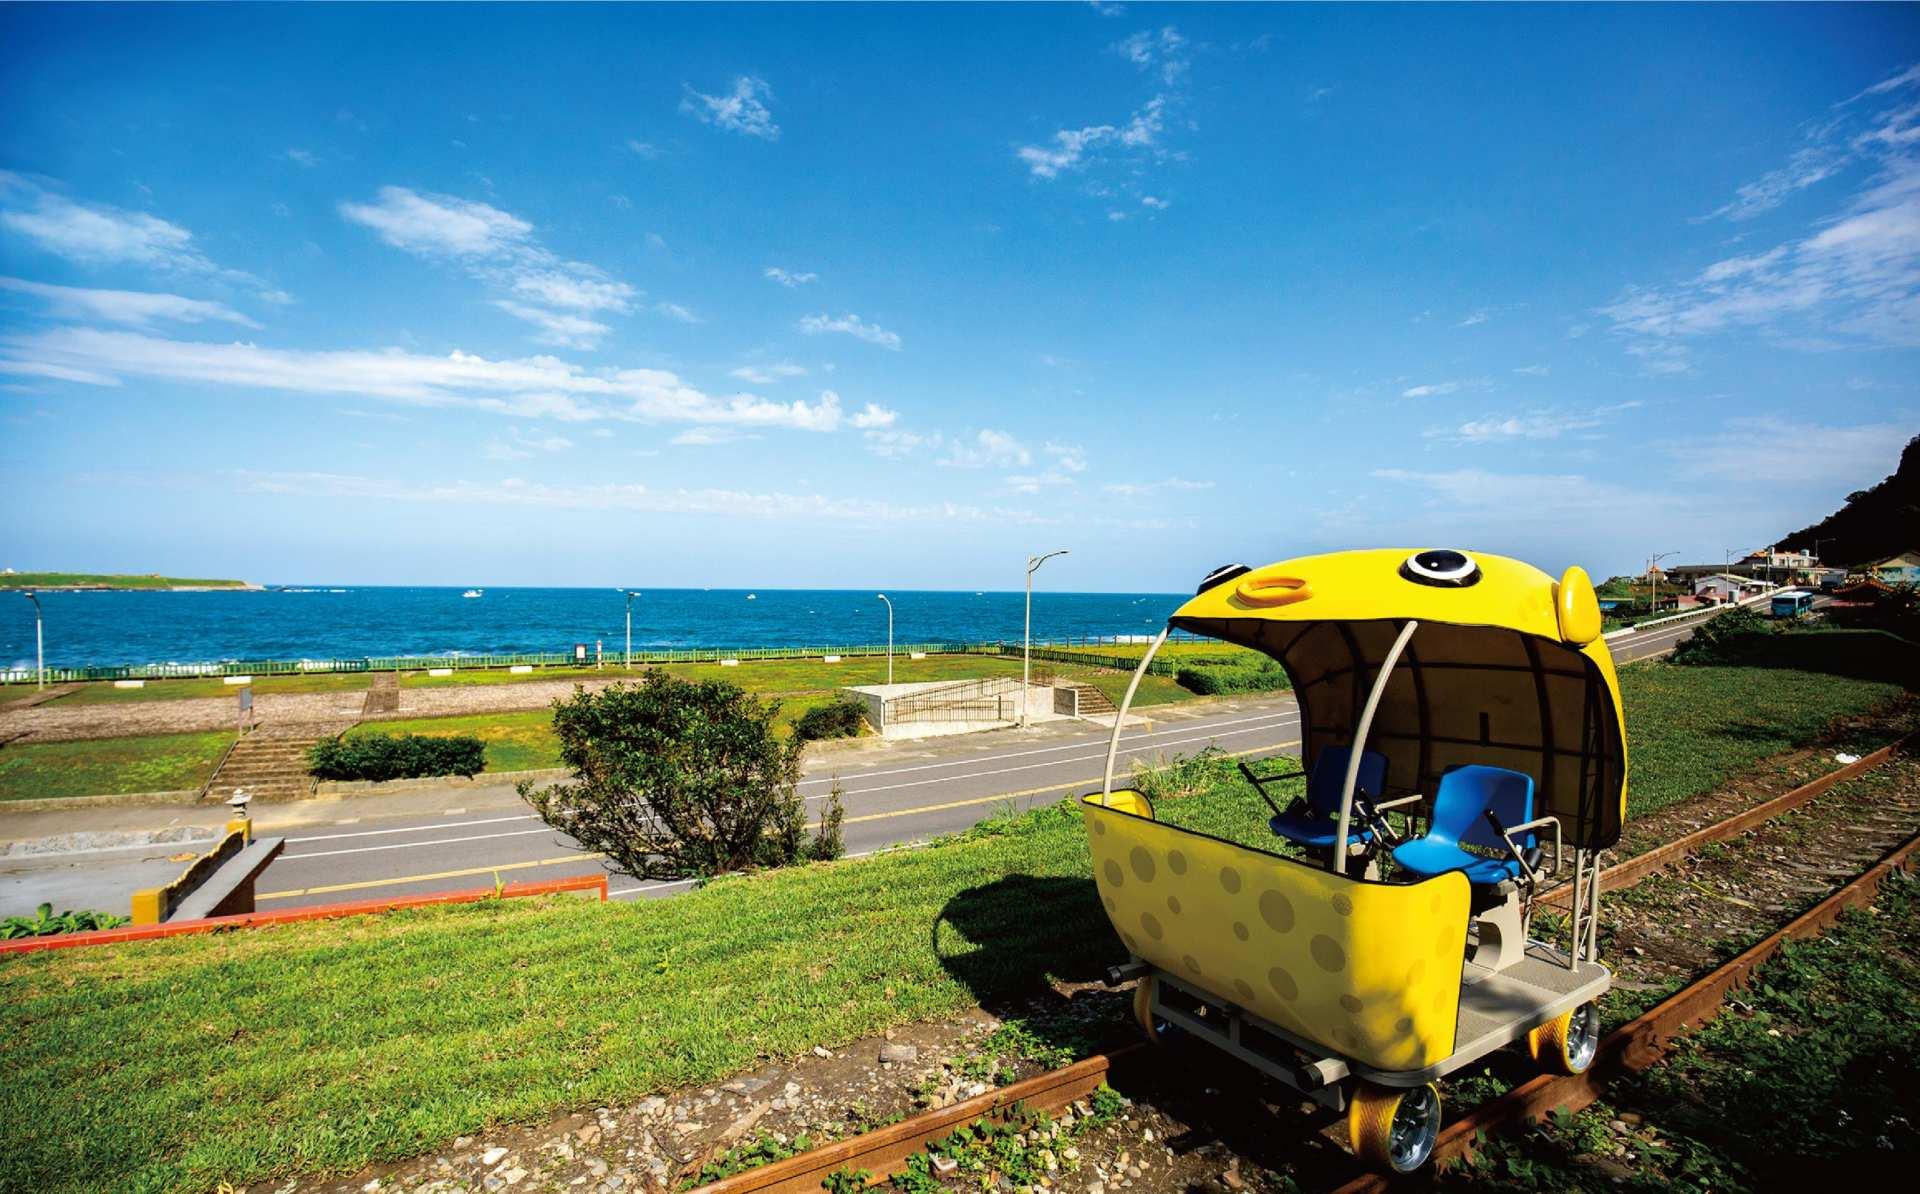 【北海岸一日輕旅行】深澳鐵道自行車/台版小長城.鼻頭角步道/象鼻岩 網美景點一日遊